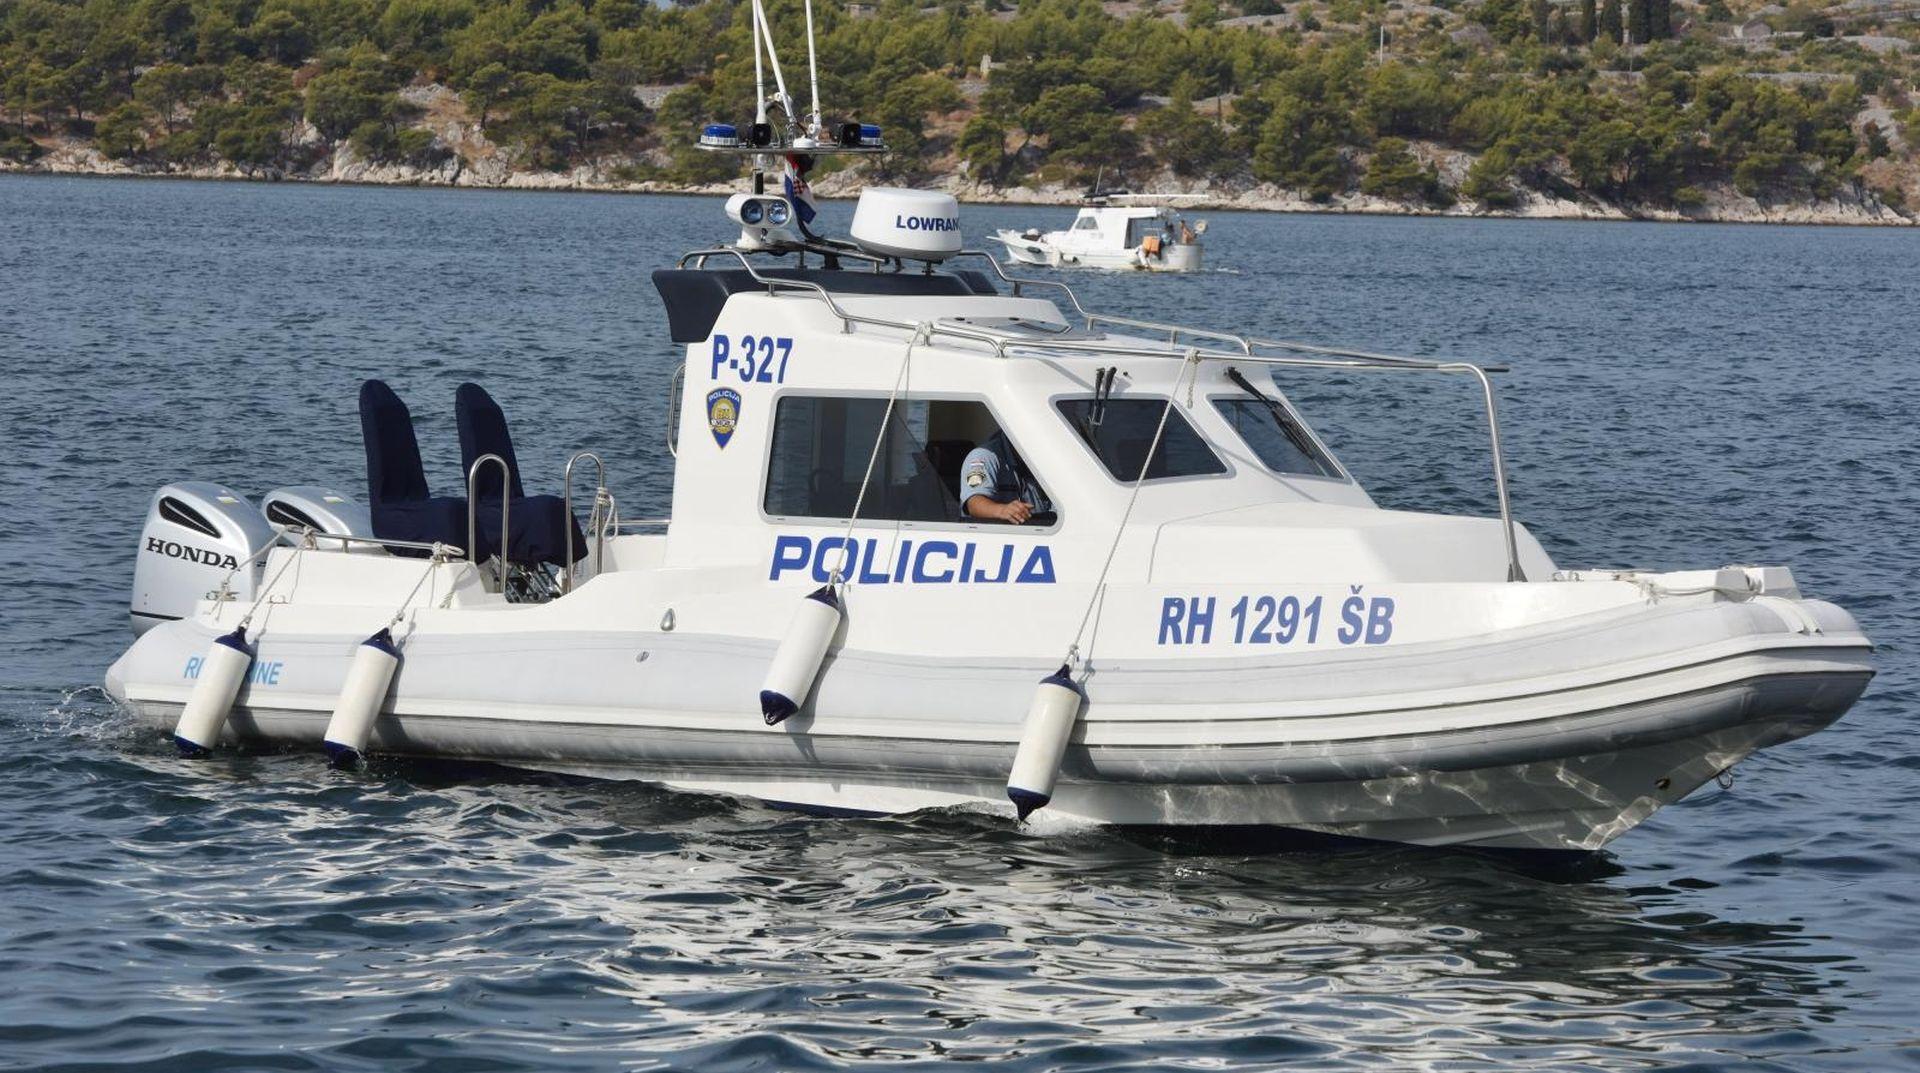 Dvije žene utopile se kod Ugljana, nema elemenata kaznenog djela